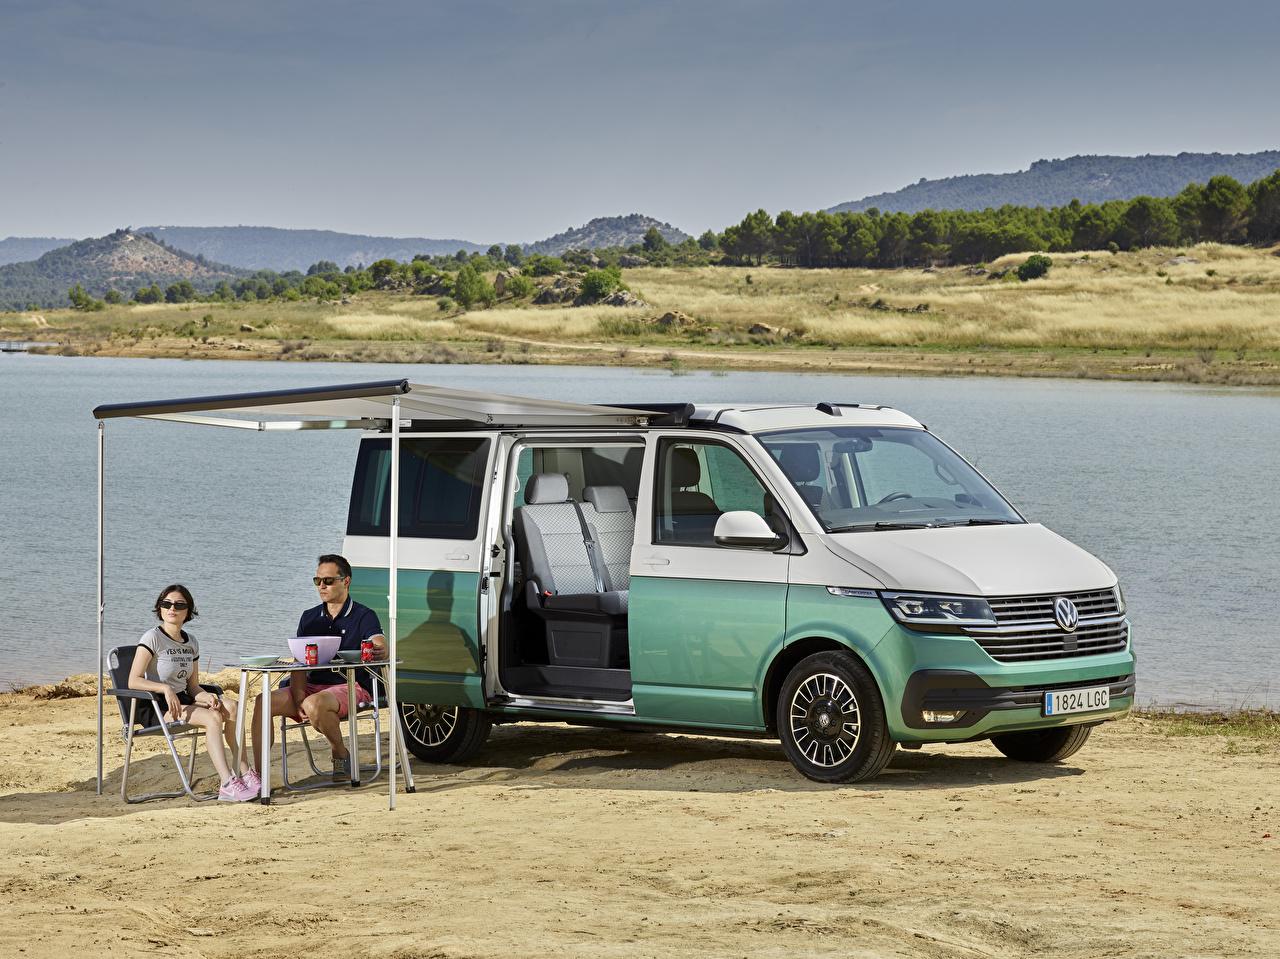 Fotos von Volkswagen 2019-20 California Beach Worldwide Ein Van automobil auto Autos